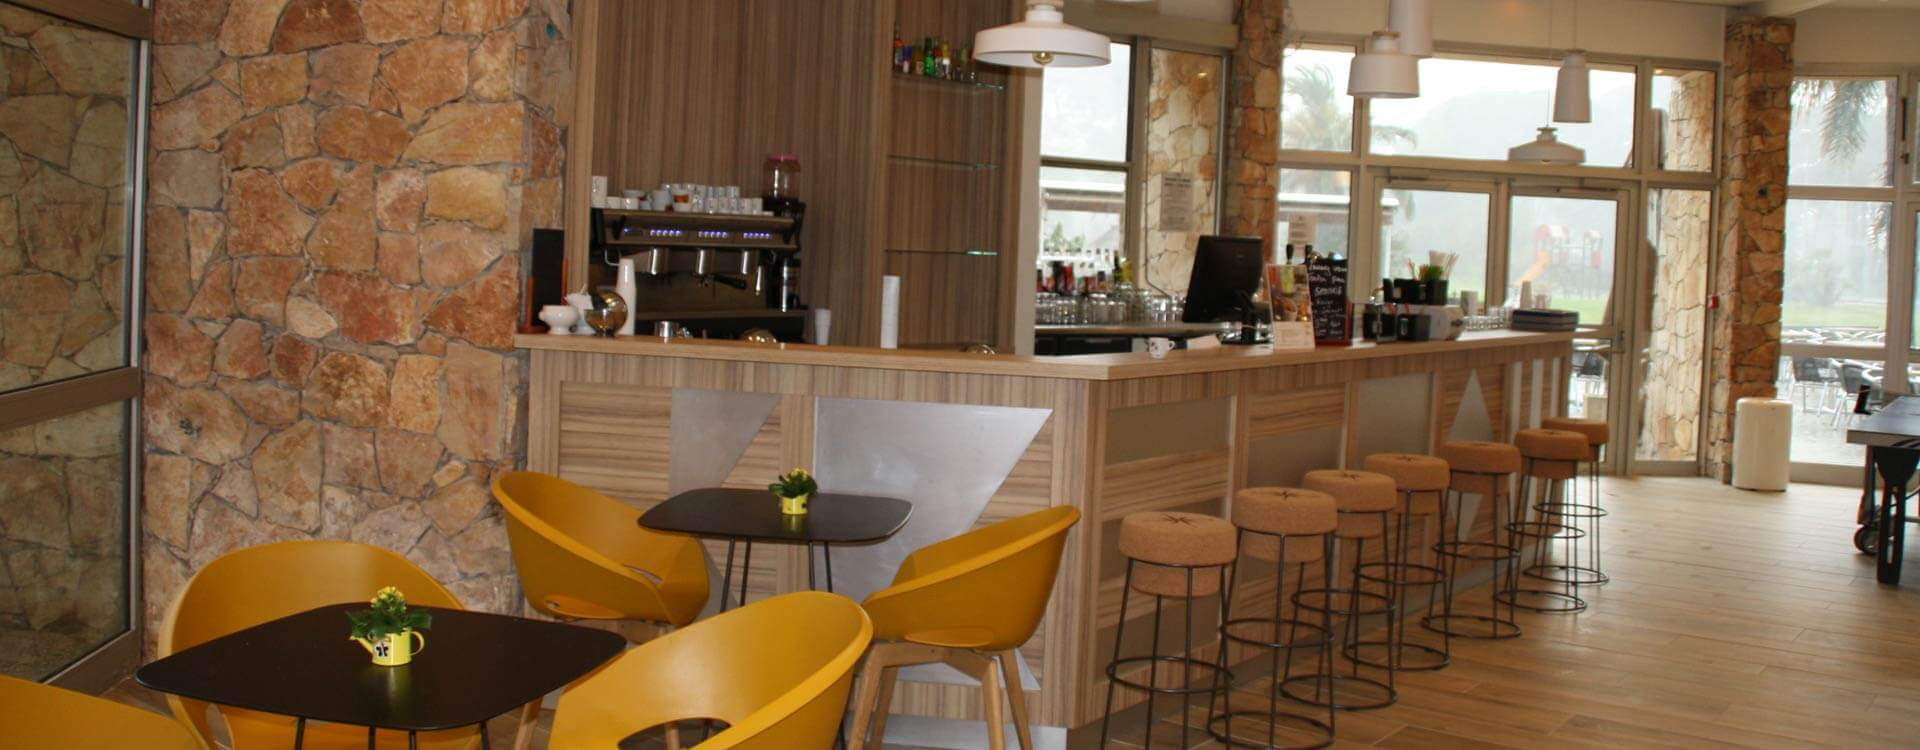 bar hotel plein sud a hyeres